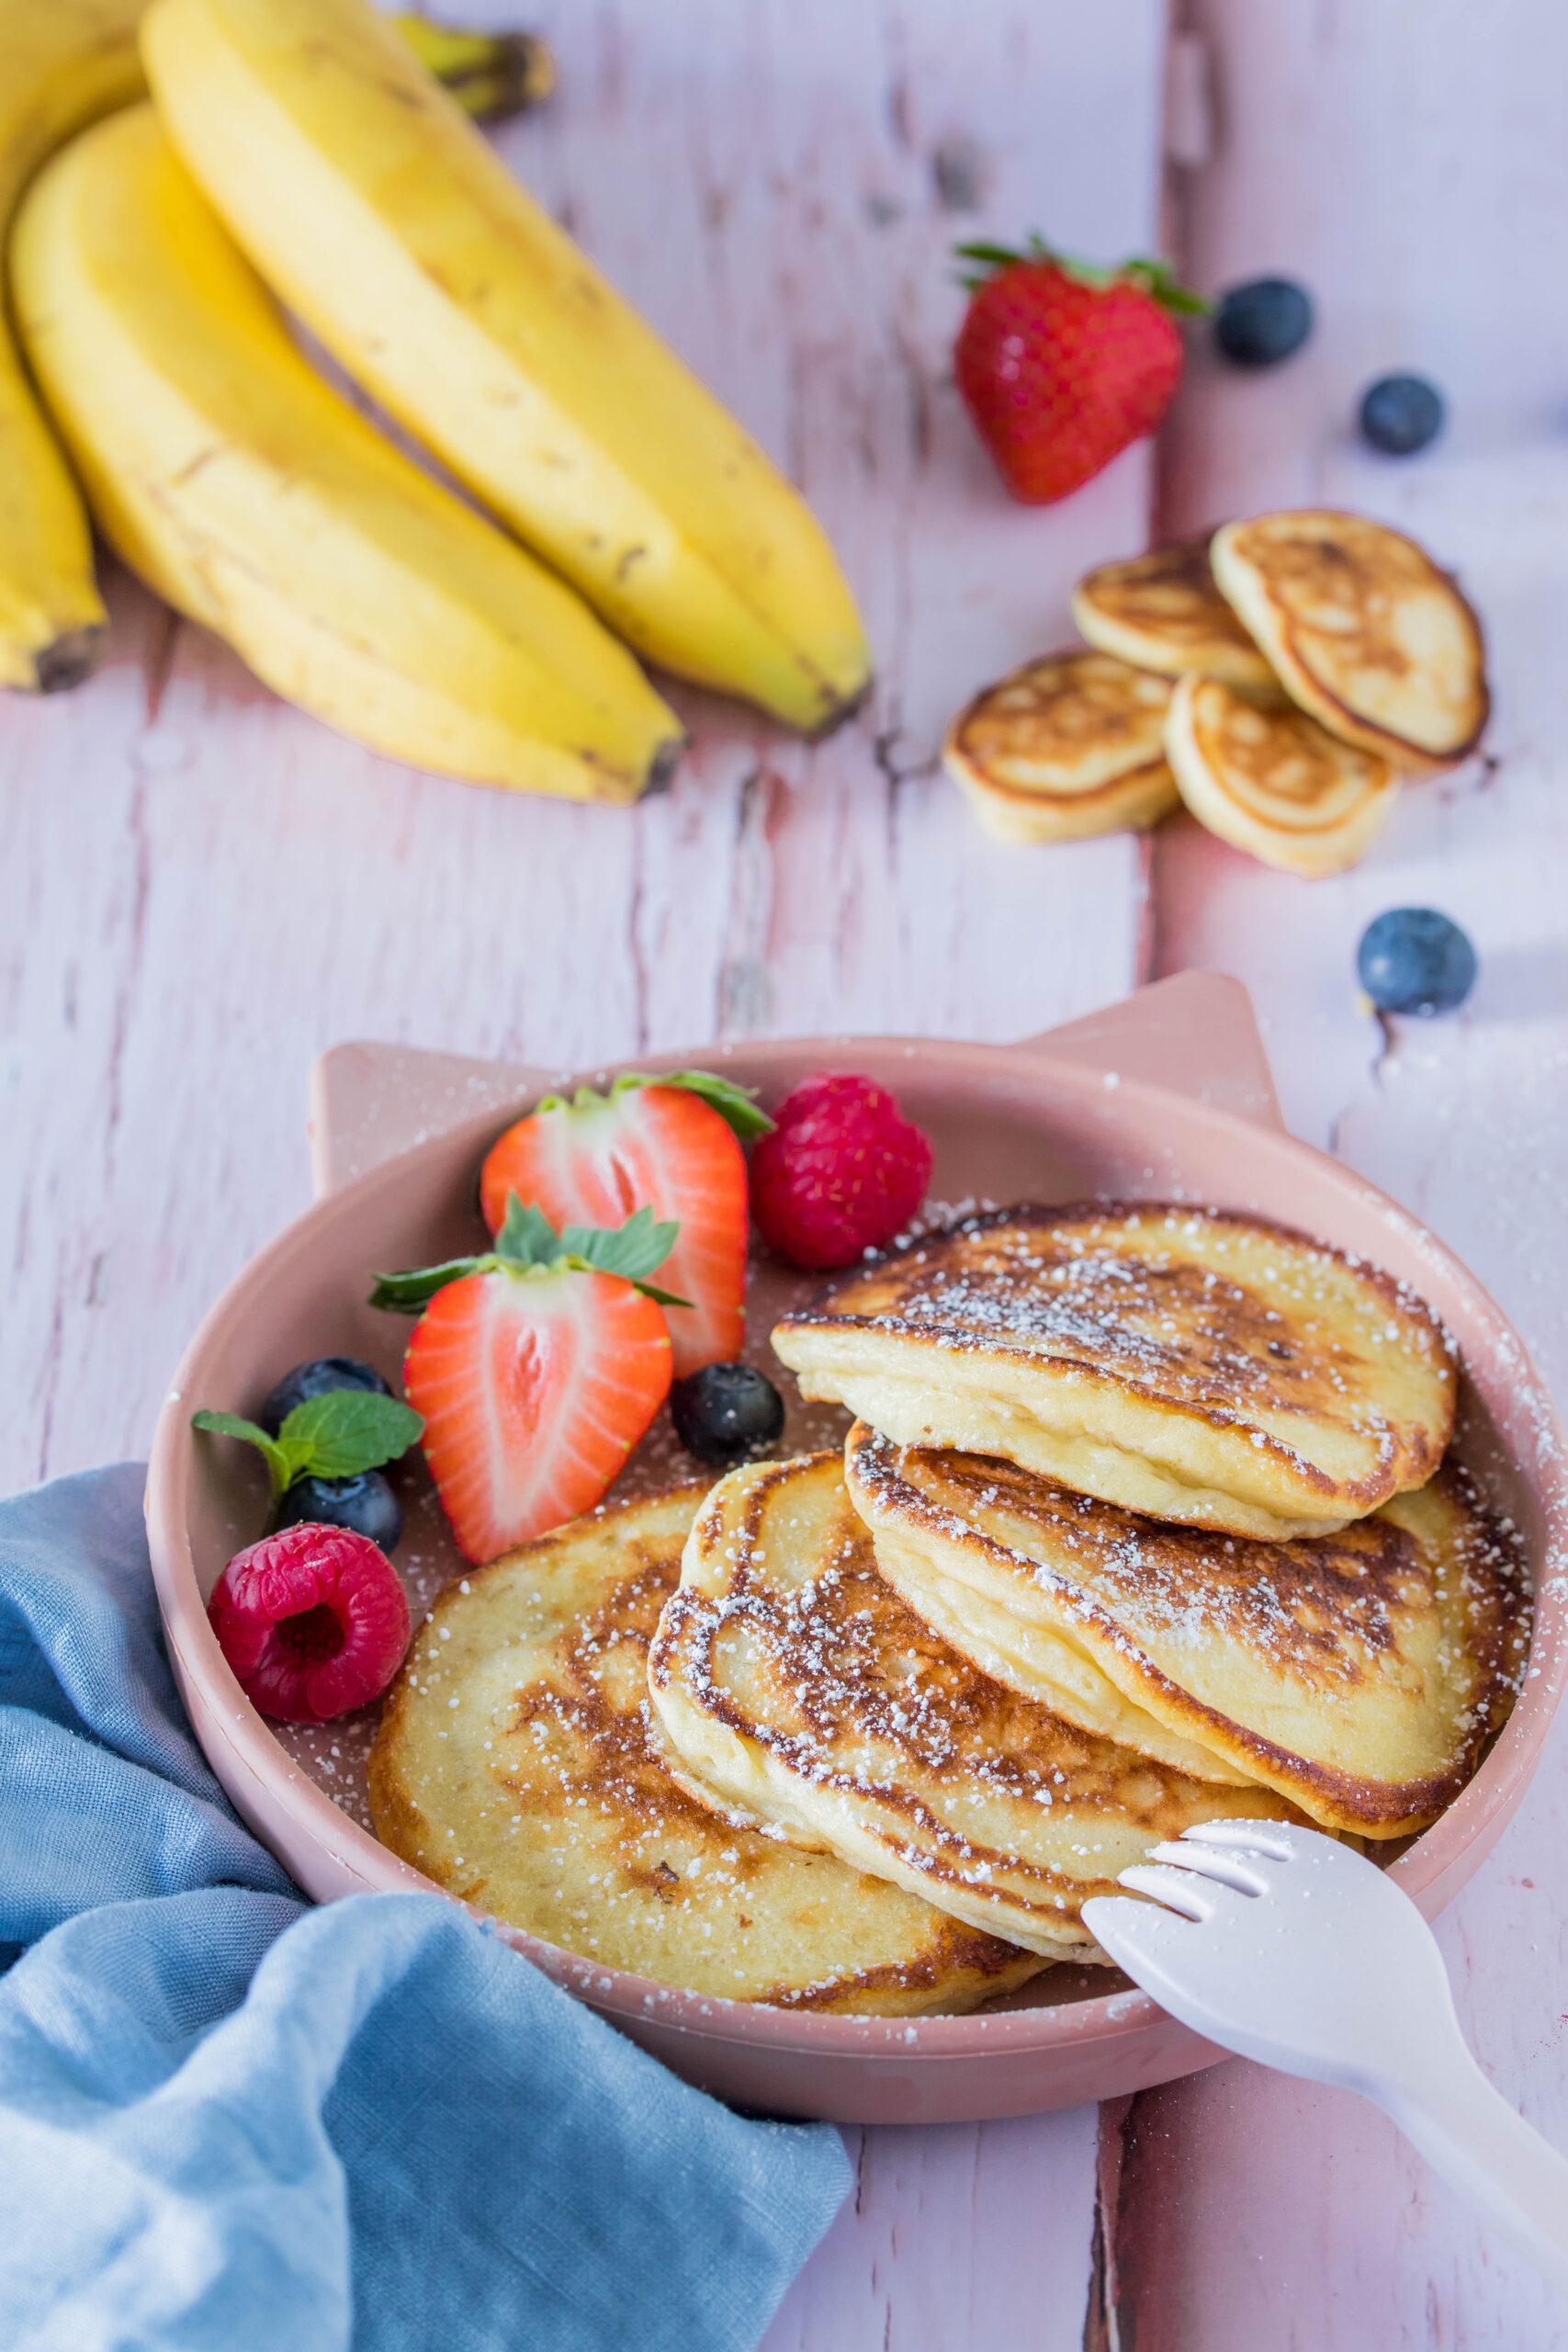 Super fluffige und leckere Bananen-Pancakes. Perfektes Frühstück für Kinder.